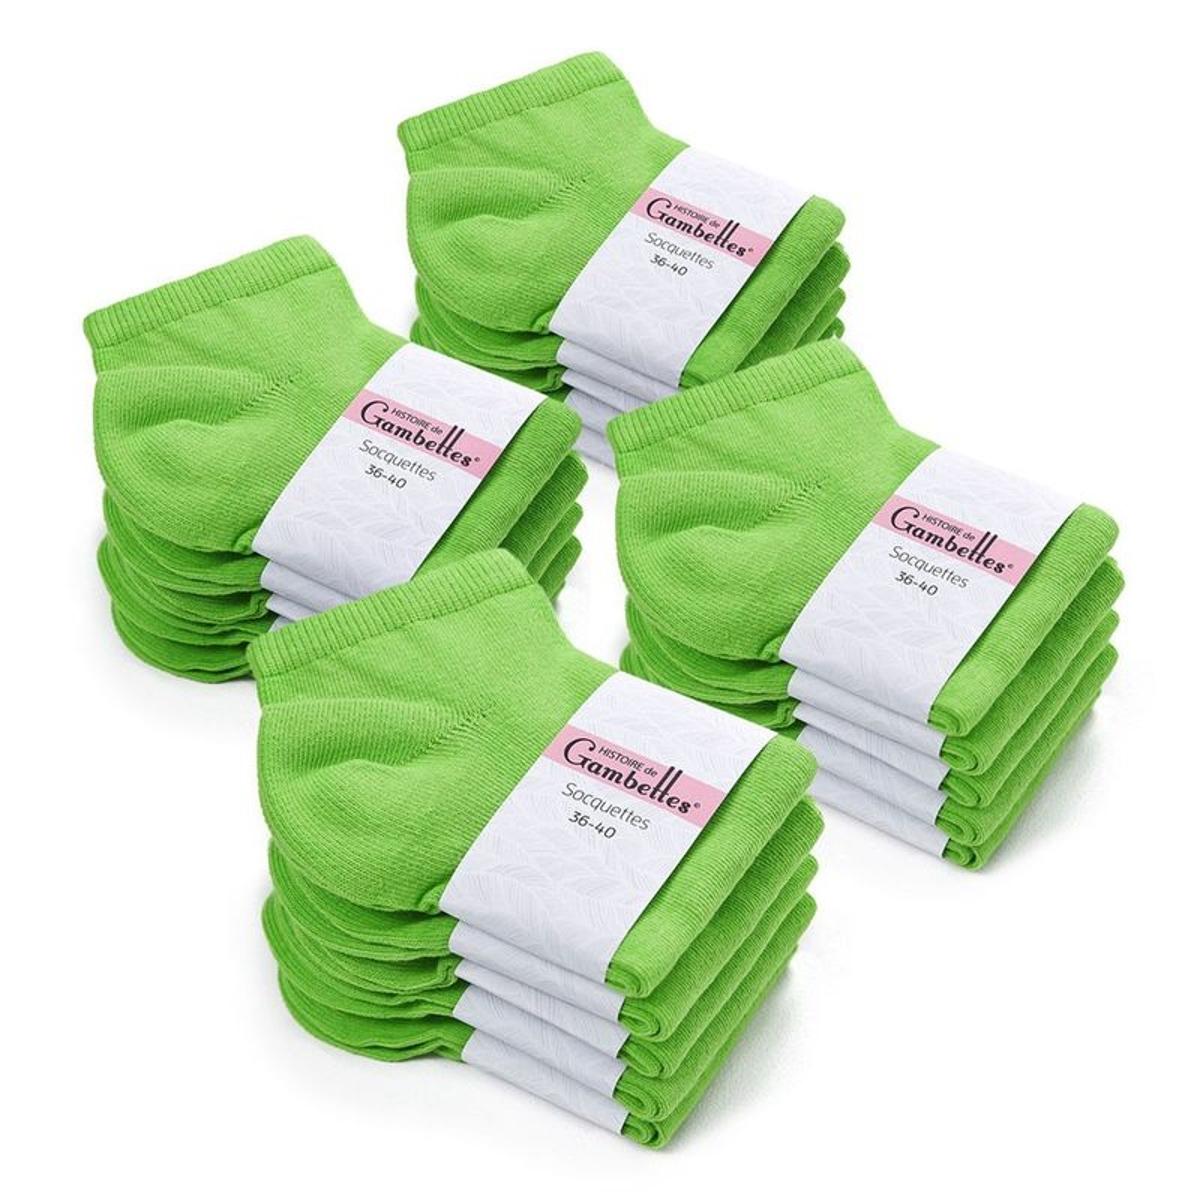 Socquettes Femme coton Vert Prairie (Lot de 20) - Fabriqué en europe